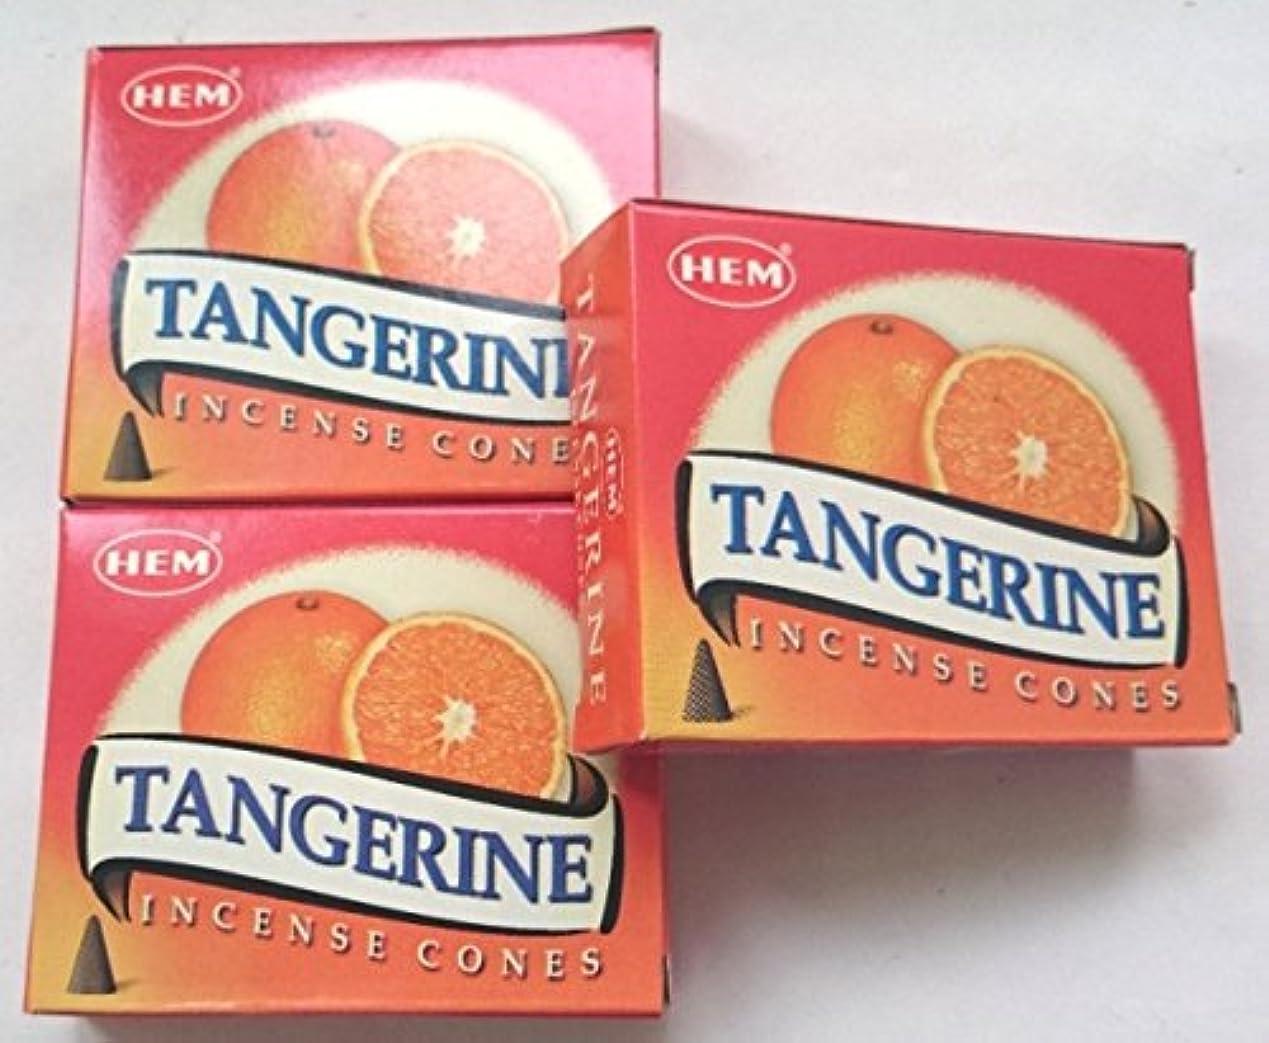 スロー名誉ある橋脚HEM(ヘム)お香 タンジェリン(オレンジ) コーン 3個セット